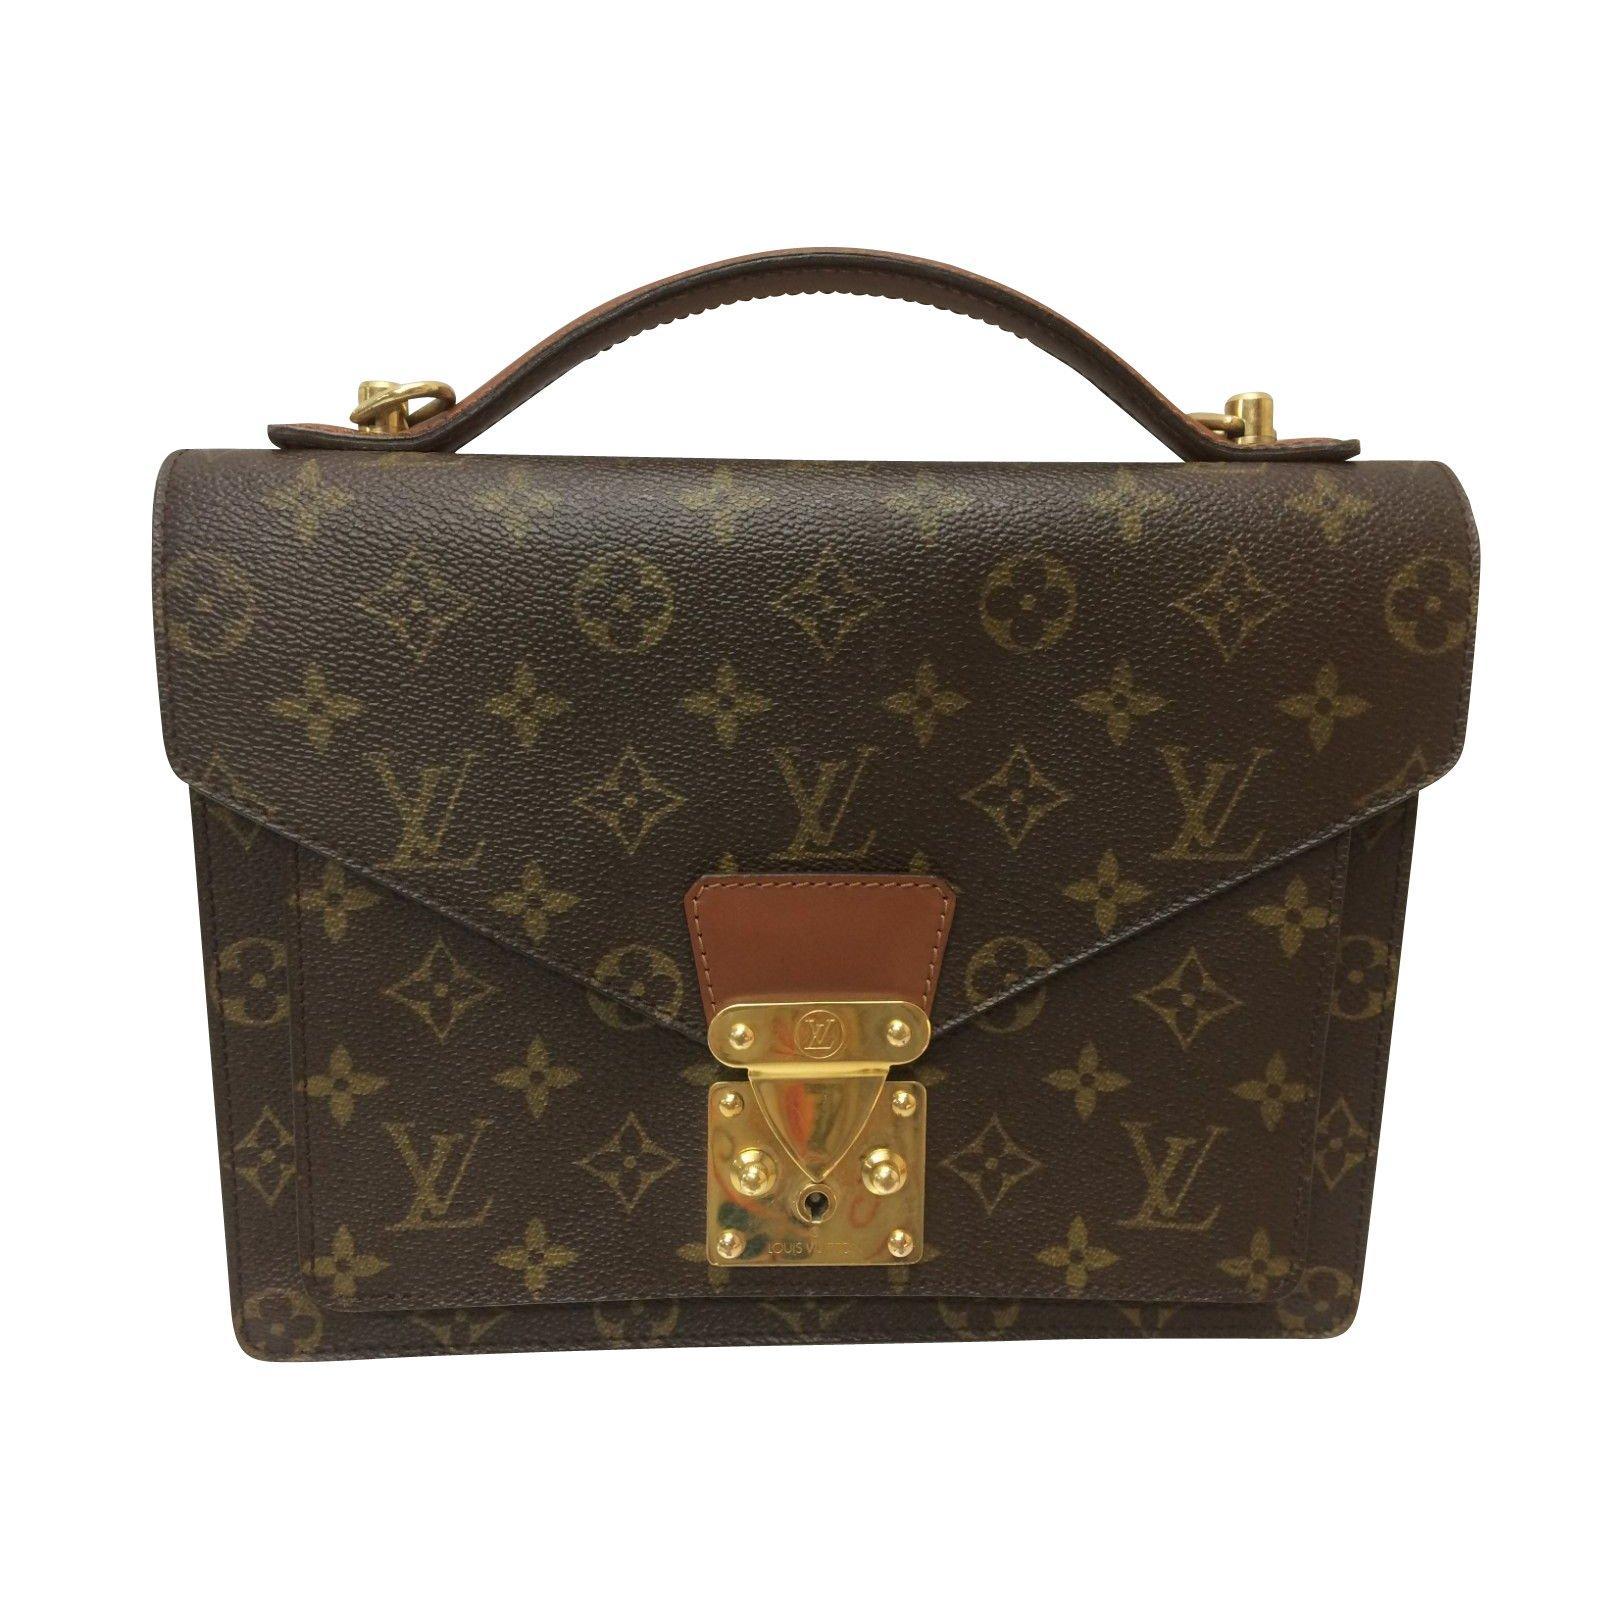 7082116a0f31 Louis vuitton louis vuitton monogram monceau way handbags plastic other ref  jpg 1600x1600 Louis vuitton tote